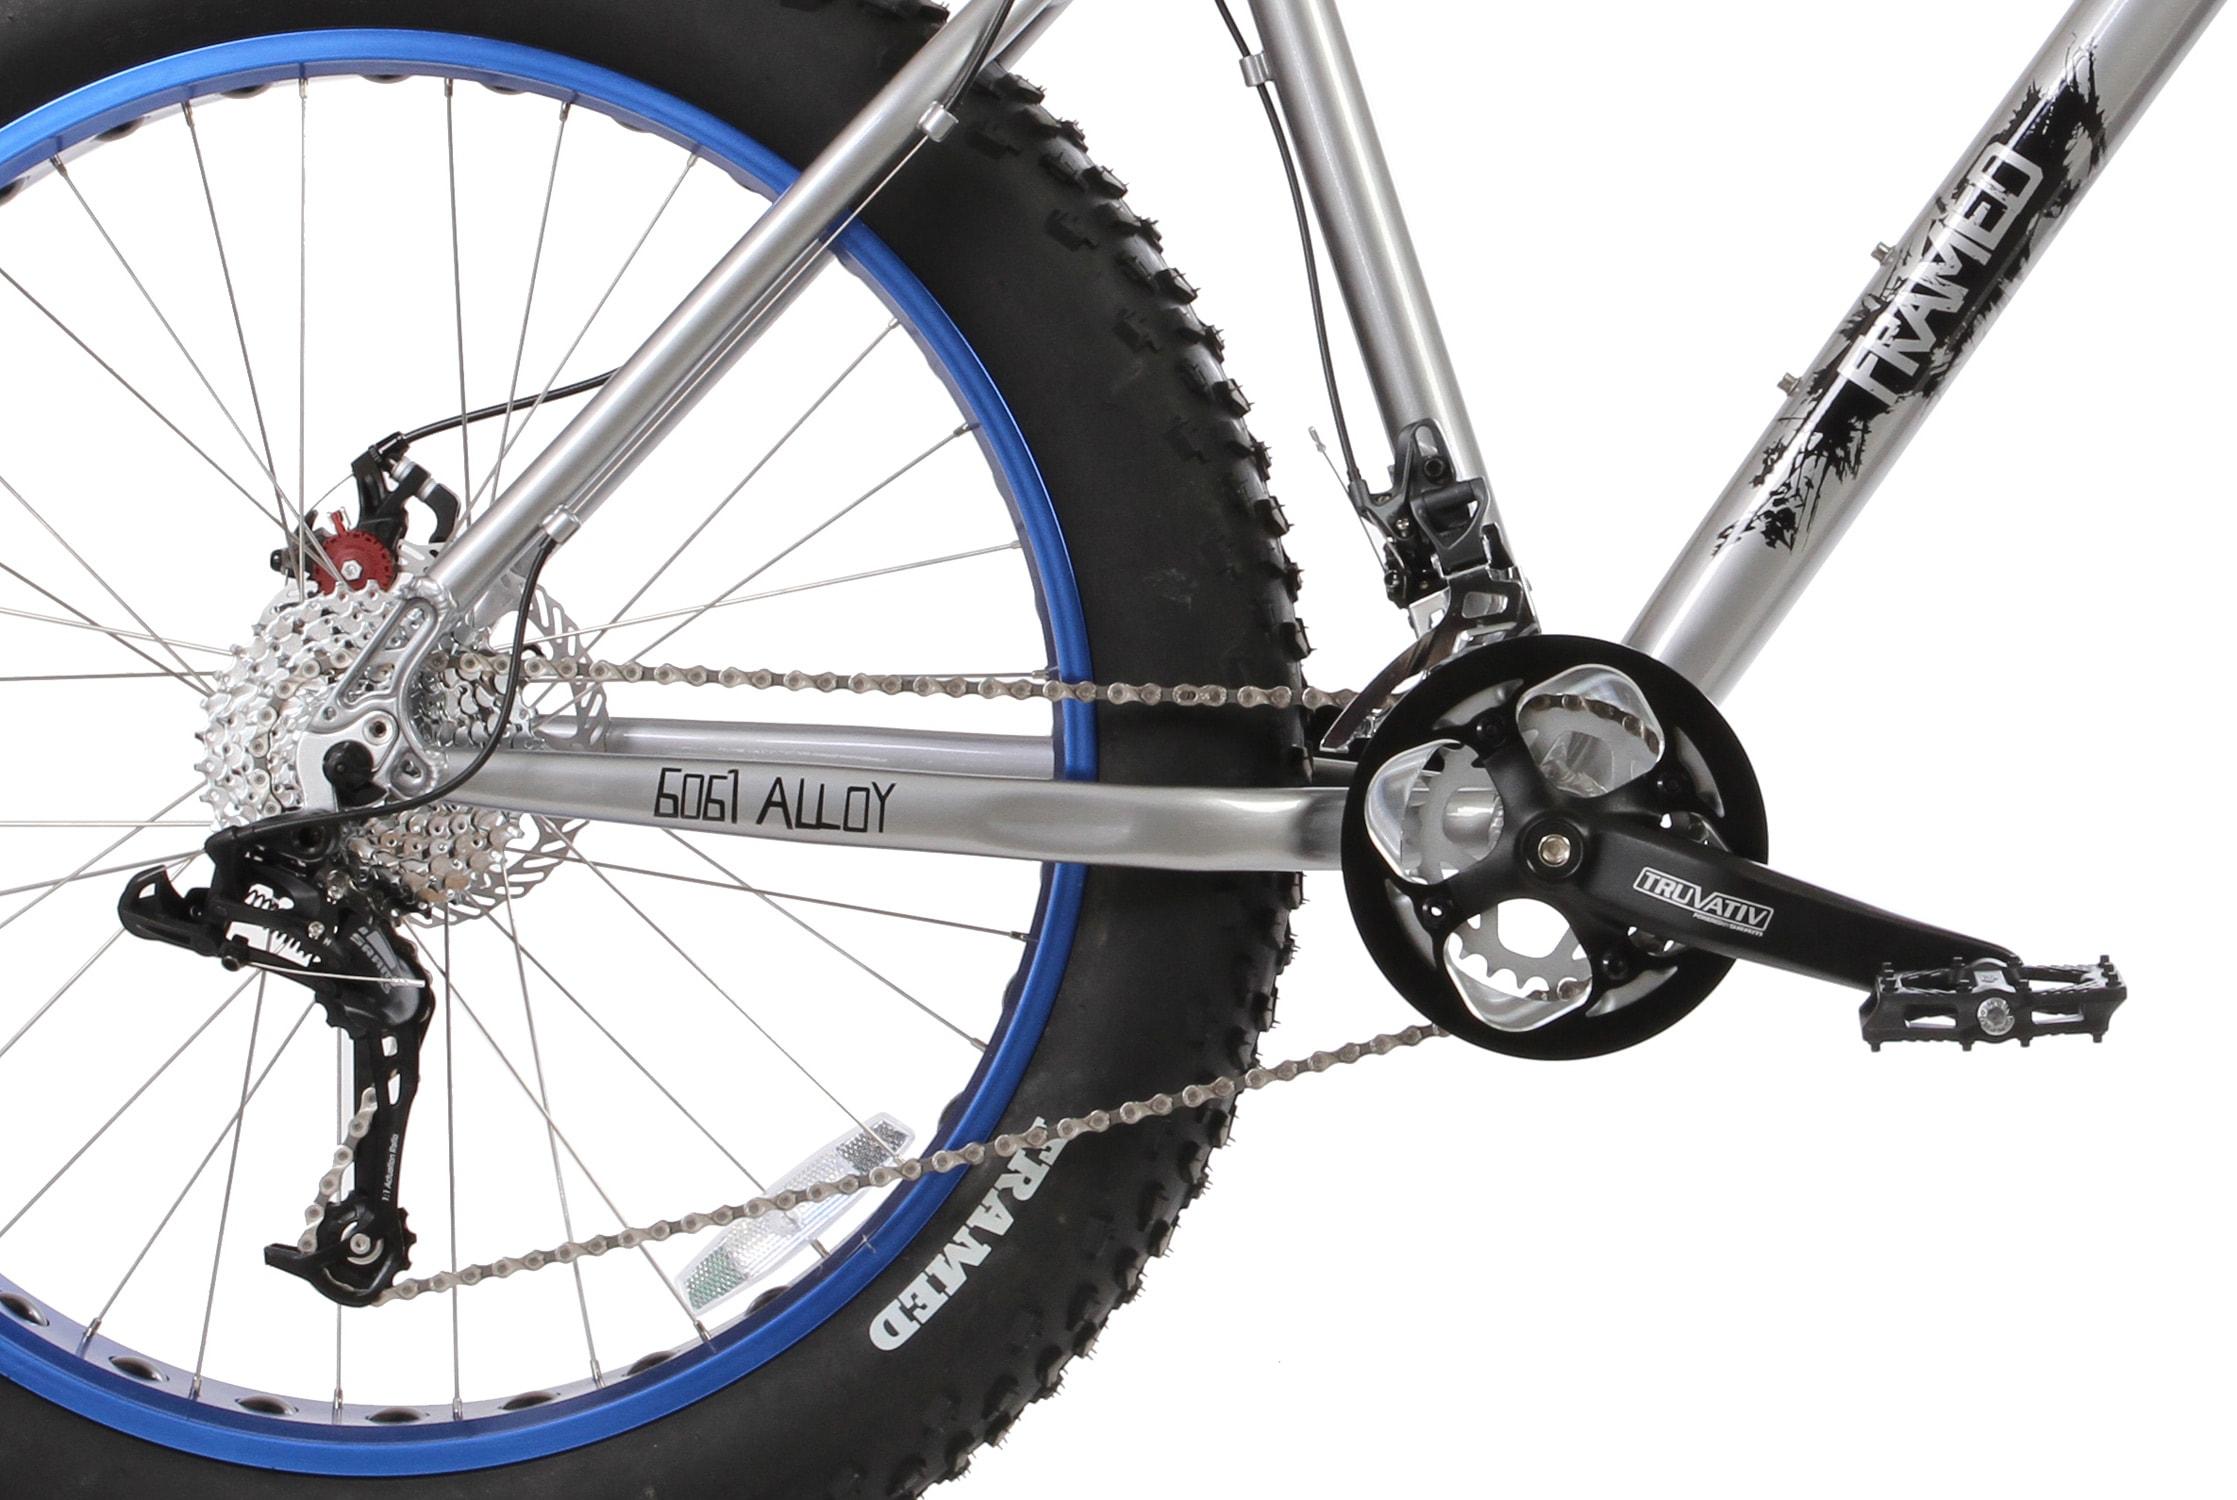 Framed Minnesota 2.0 Fat Bike | eBay